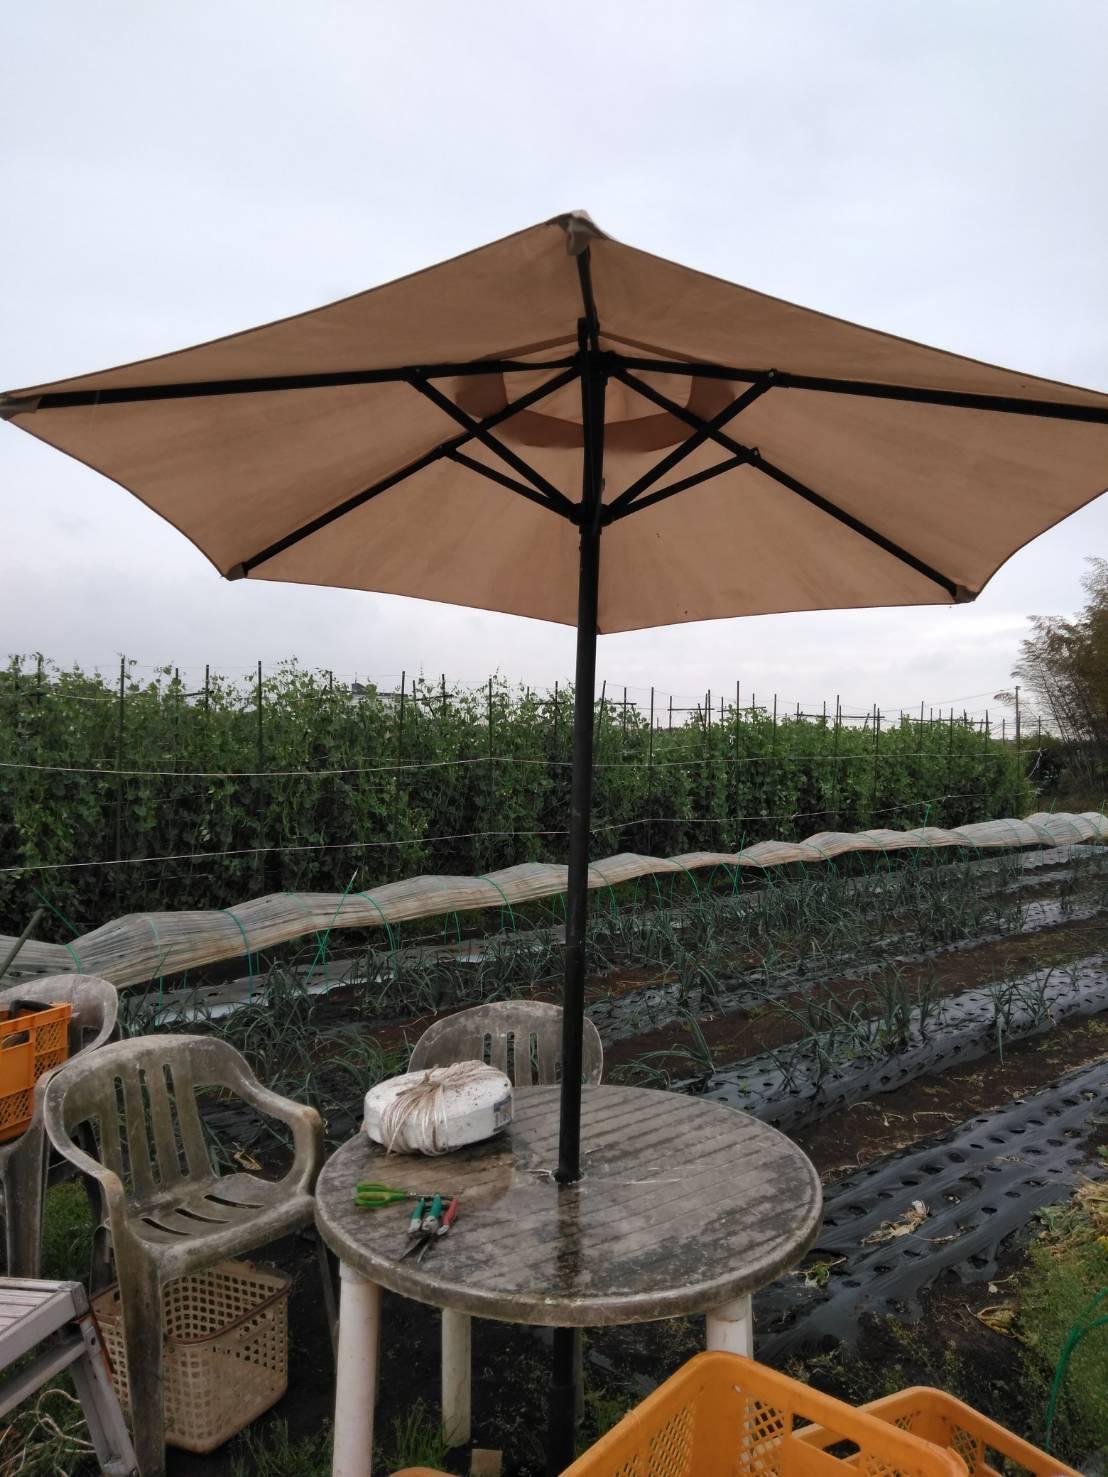 トマトの定植今朝を予定していましたが 雨で断念 明日水が引いたら・・・_c0222448_15440065.jpg